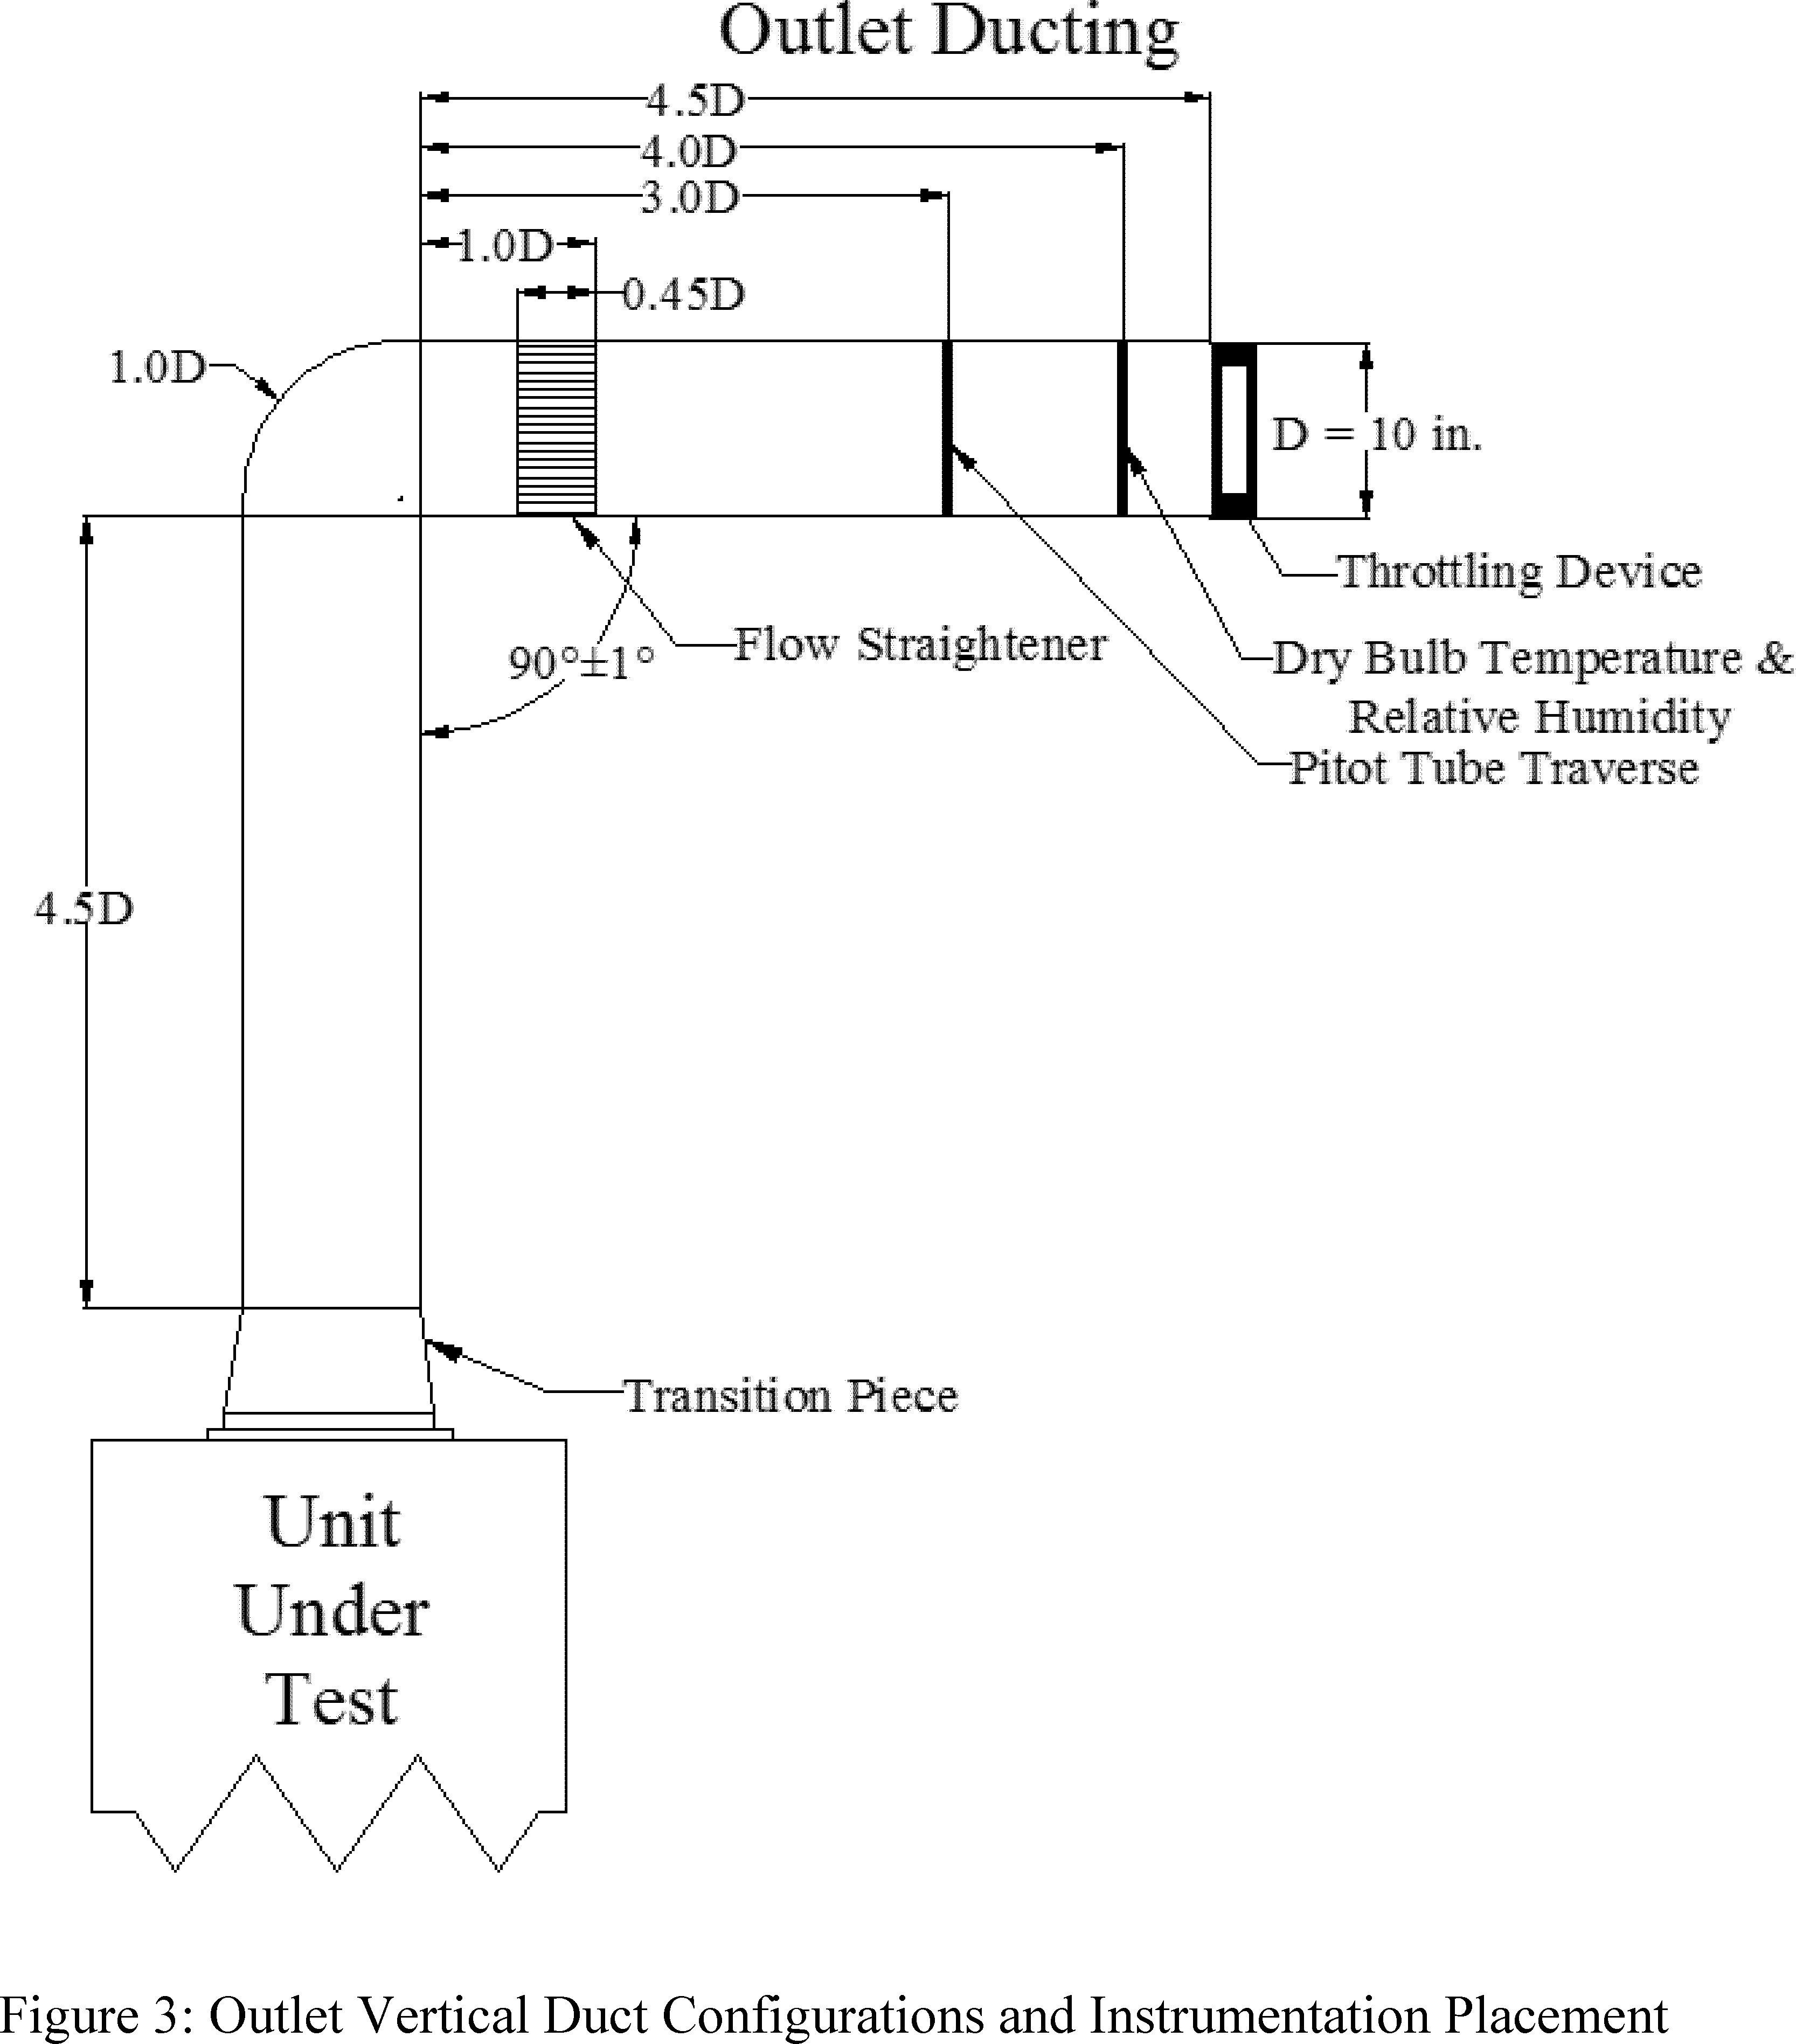 Basic Engine Diagram Basic Gas Furnace Wiring Diagram Best Wiring Diagram for A Gas Of Basic Engine Diagram